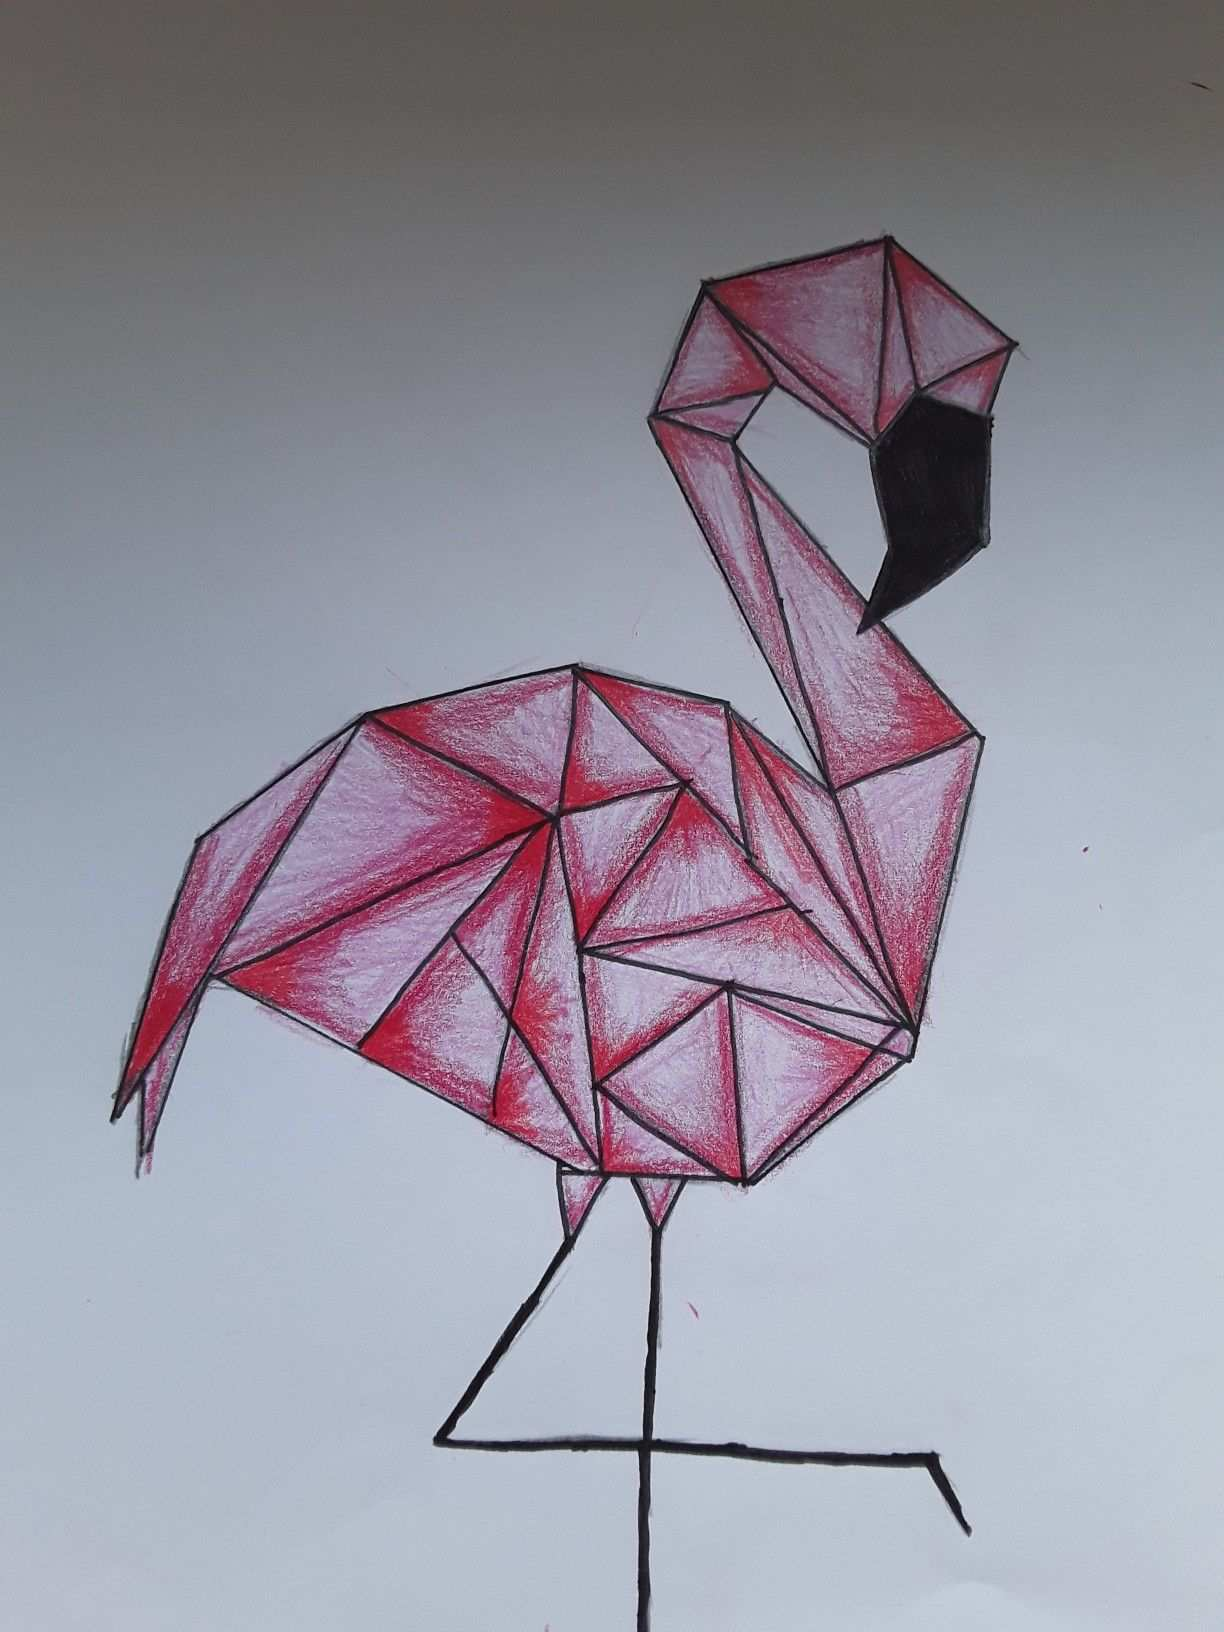 Geometrische Form Nach Gemalt Motive Zum Zeichnen Zeichnen Lernen Mit Bleistift Malen Und Zeichnen